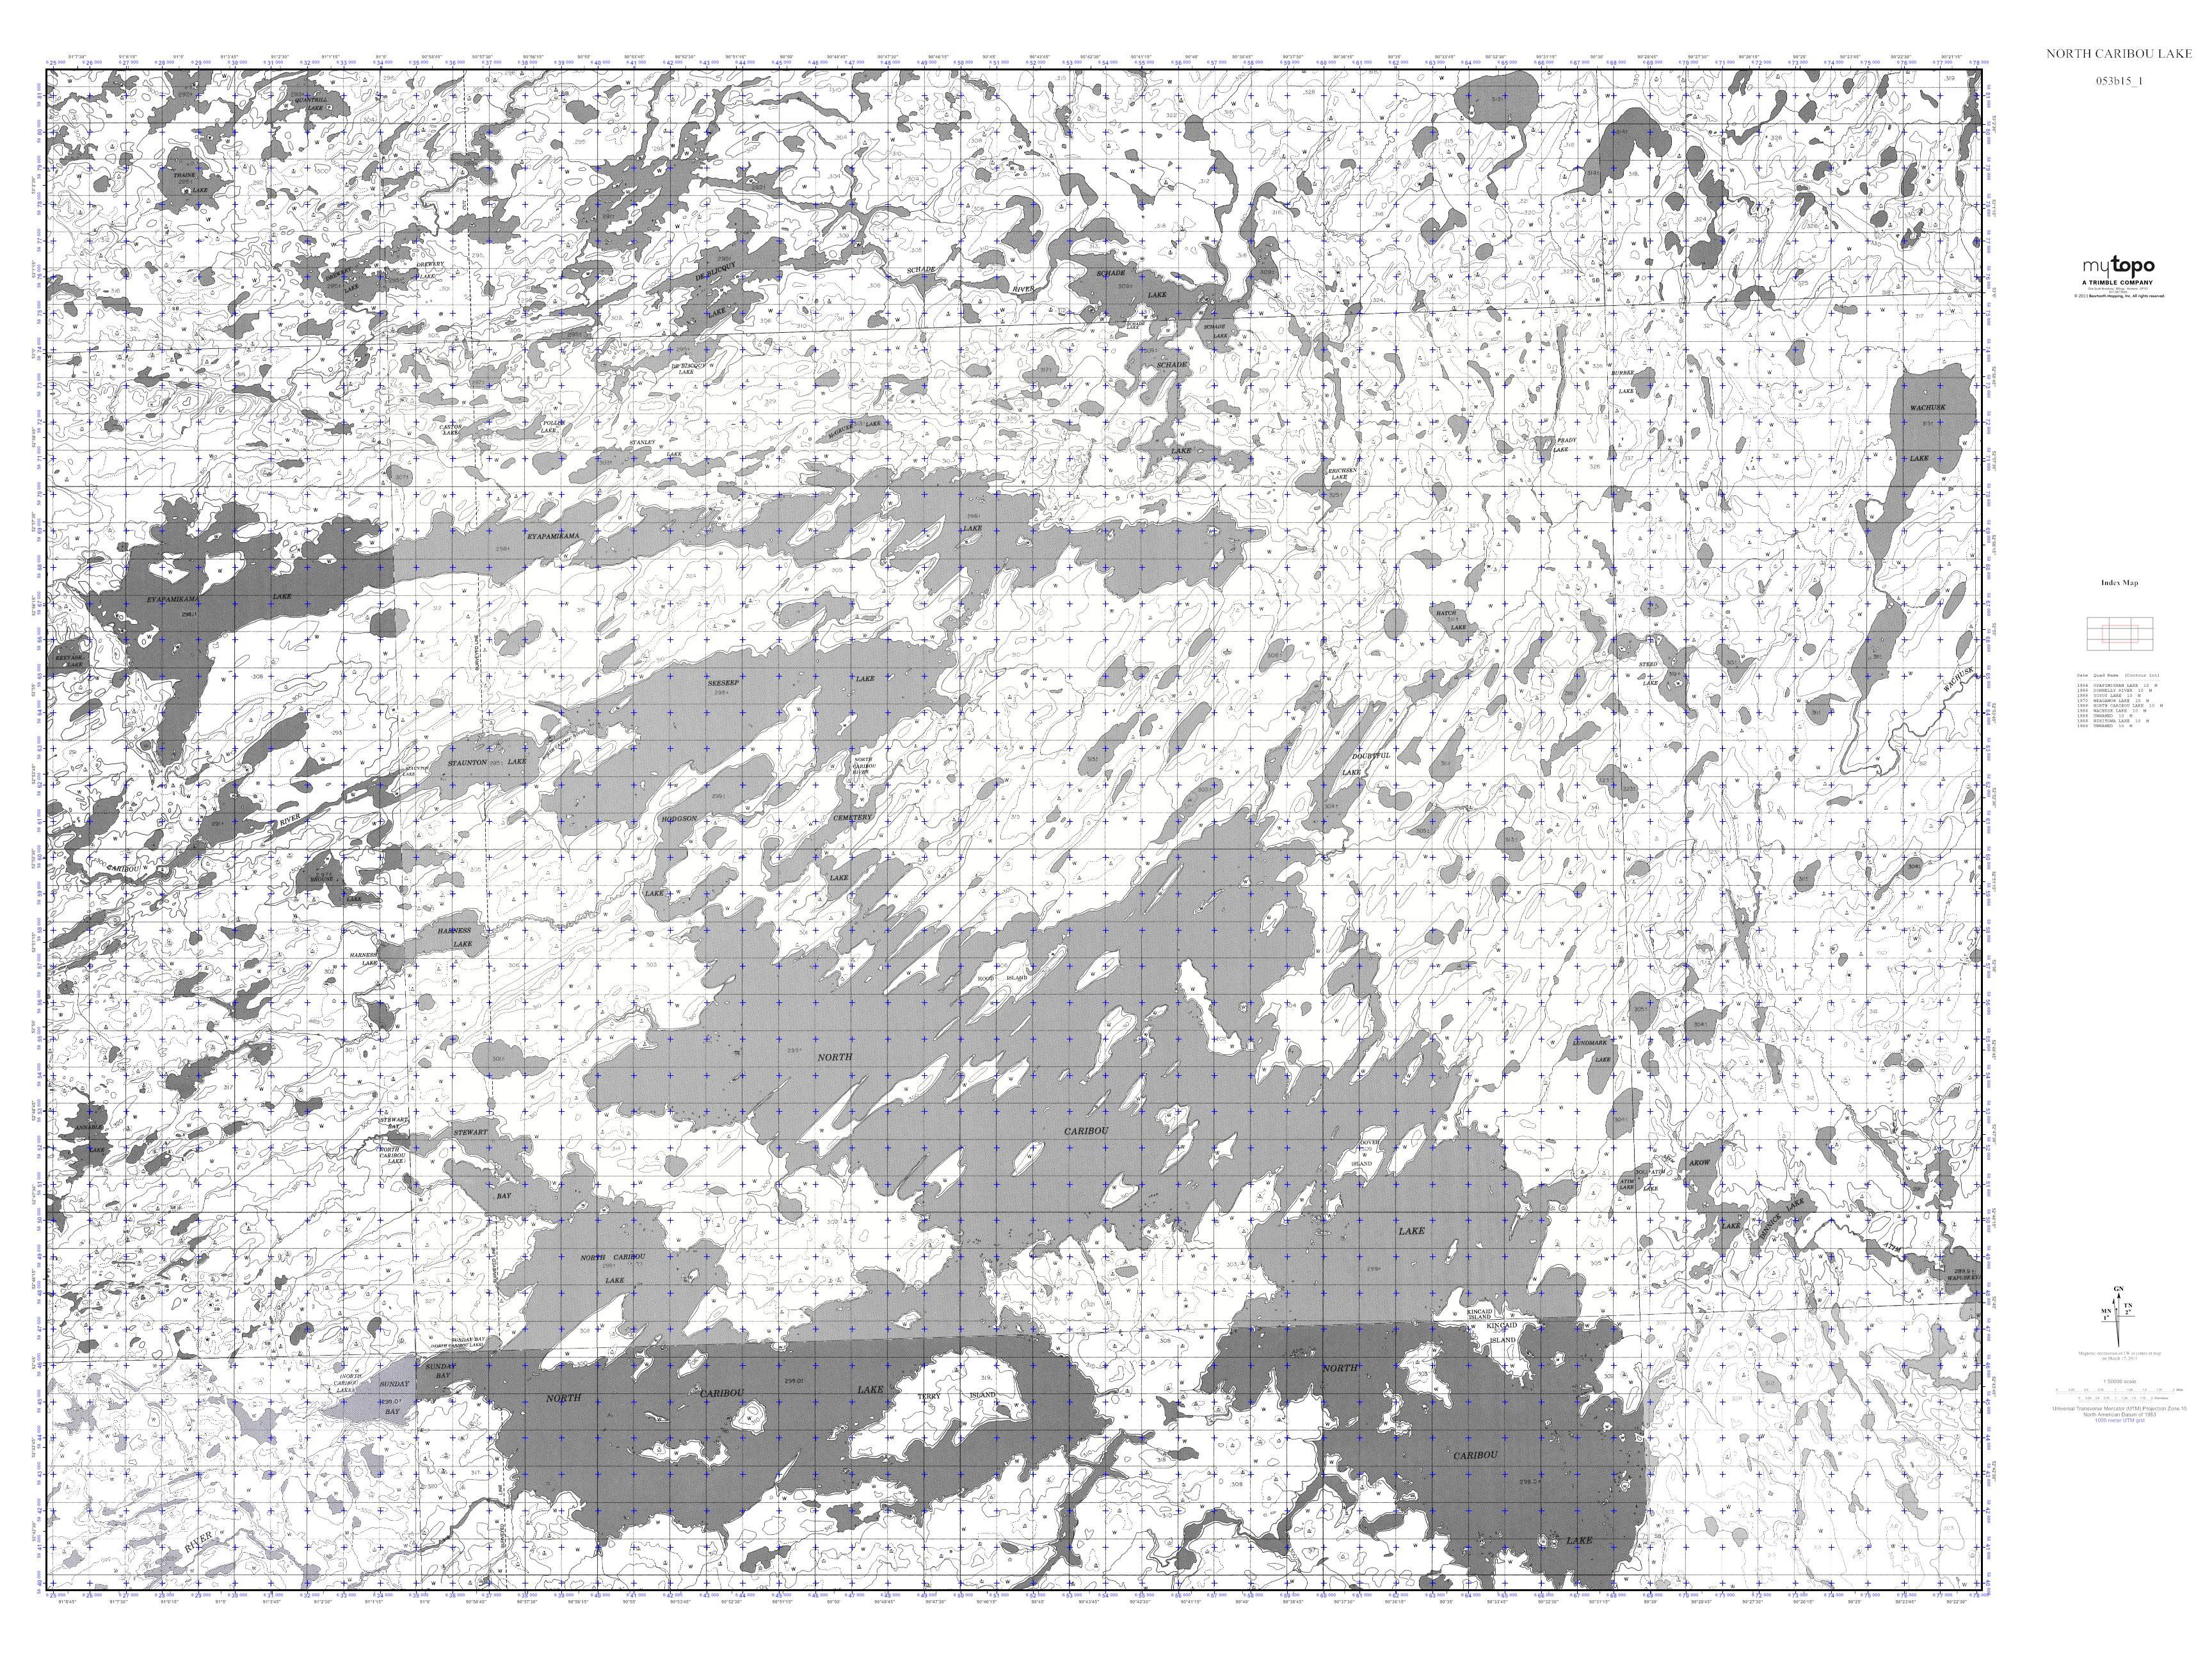 MyTopo NORTH CARIBOU LAKE, Ontario USGS Quad Topo Map on mi dnr topo lake maps, 7.5 minute topo maps, arizona topo maps, 2011 us topo maps, gis survey maps, national geographic topo maps, esri topo maps, usda topo maps, nrcs topo maps, eastern sierra topo maps, mining maps, ca topo maps, mexico topo maps, aerial maps, railroad maps, gis topo maps, washington topo maps, topographic maps, 1 24000 topo maps, google maps,